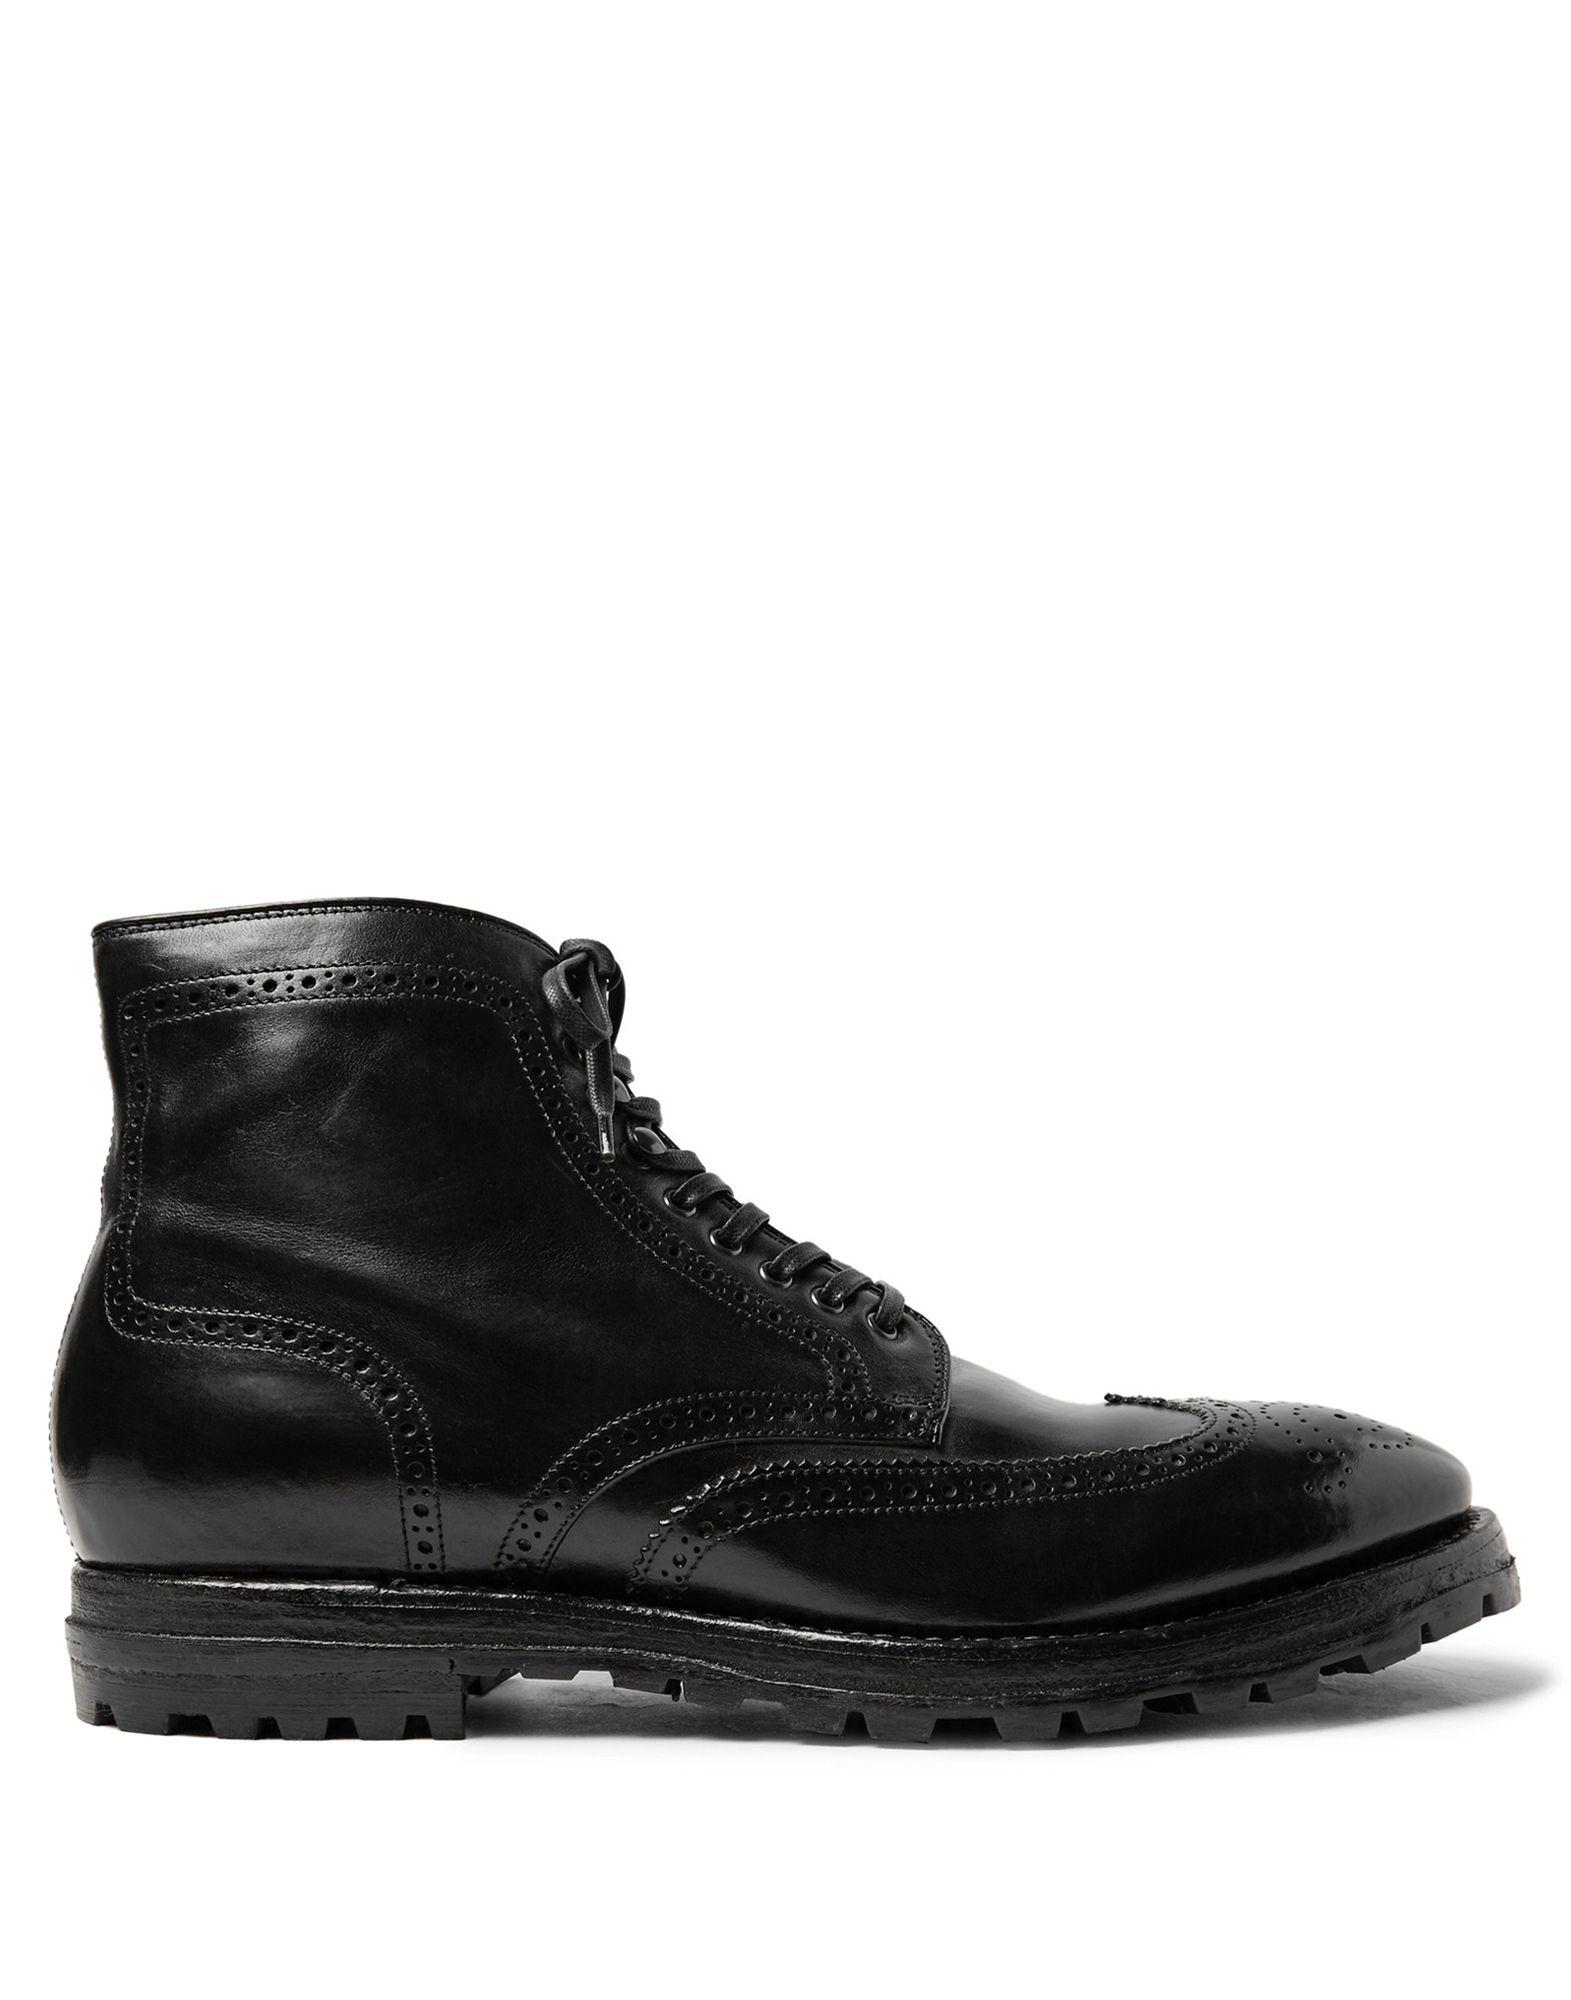 Officine Creative Italia Stiefelette Herren  11539550DF Gute Qualität beliebte Schuhe